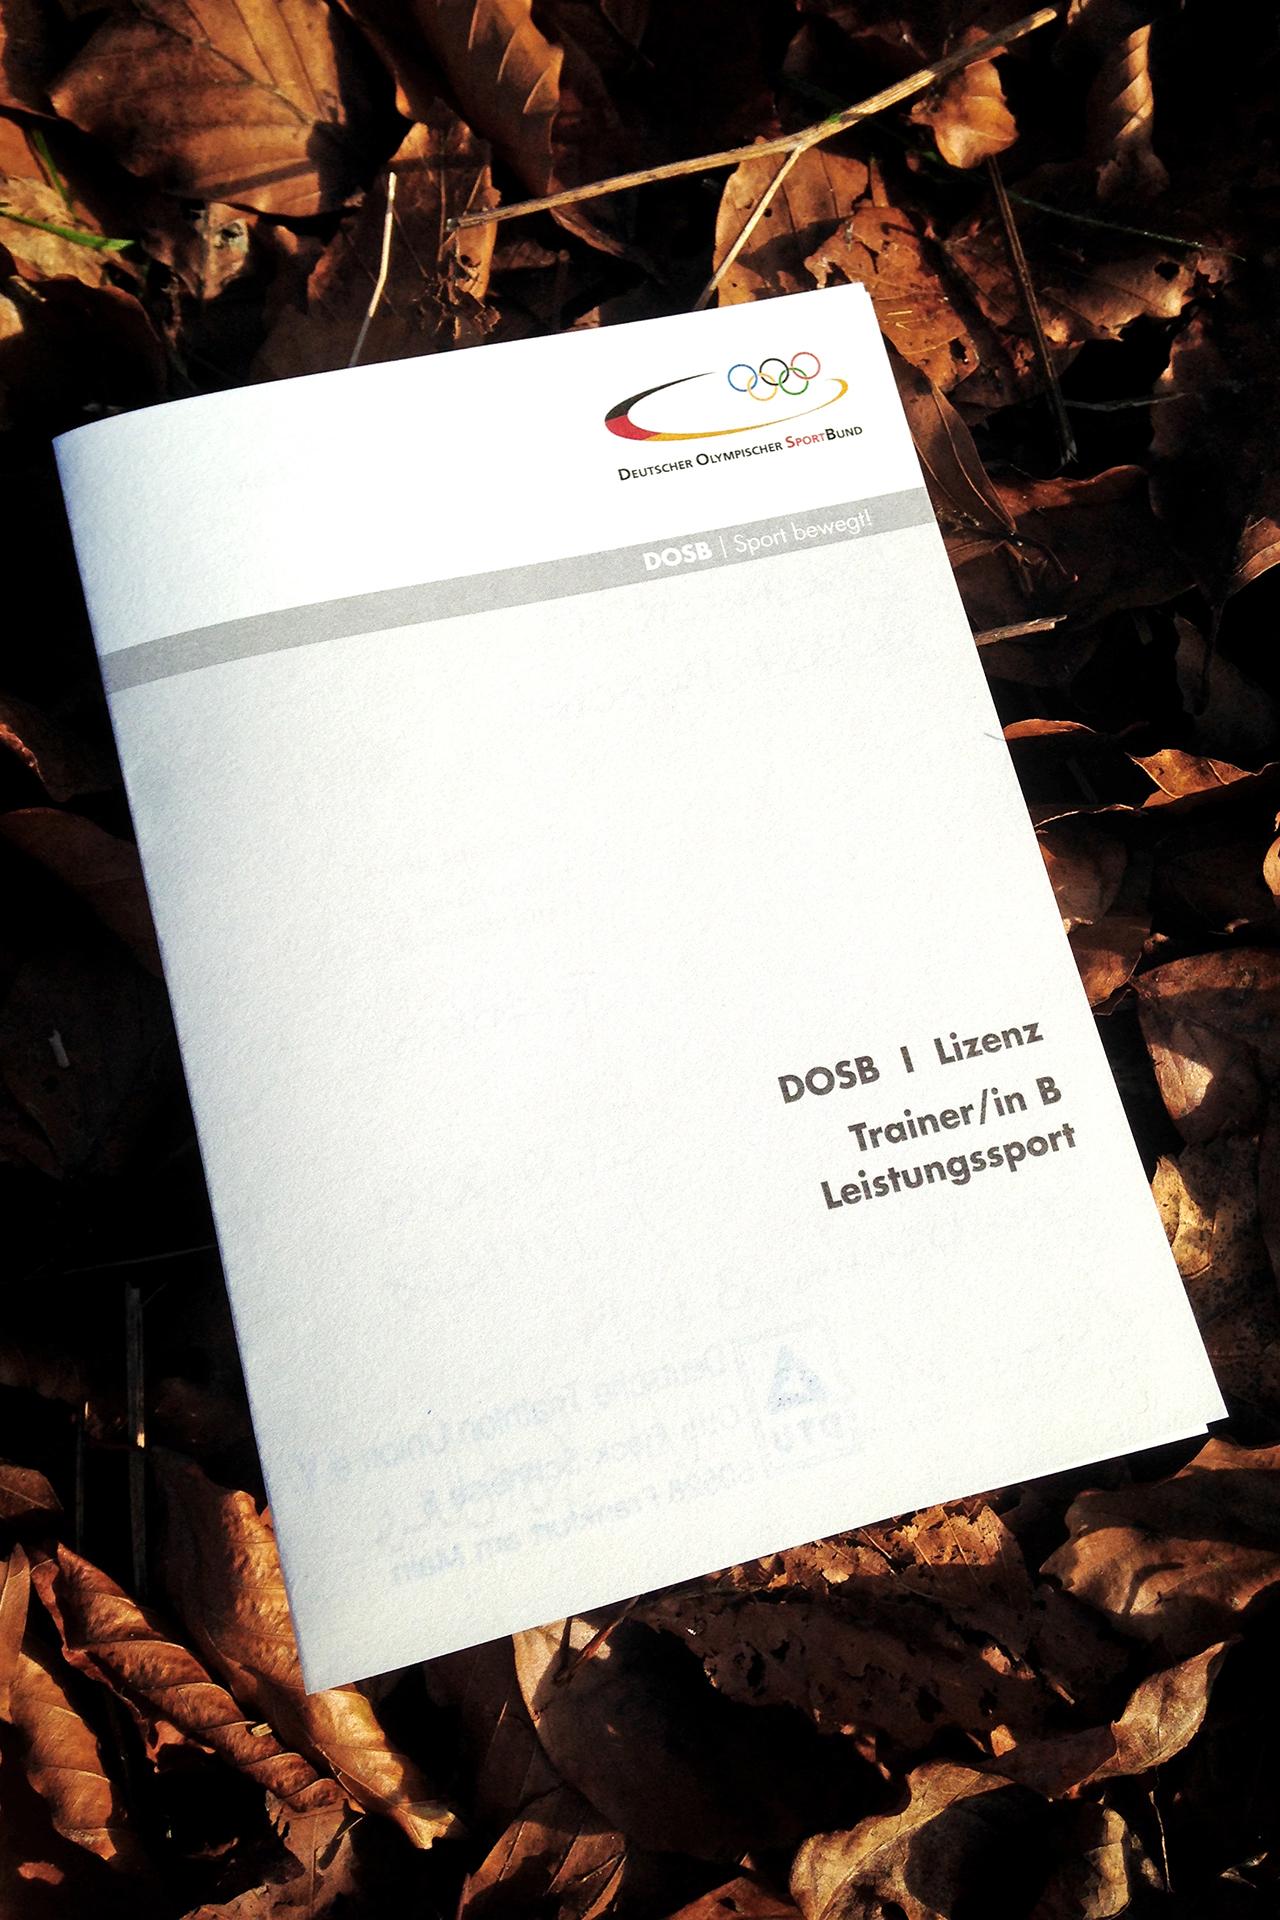 LICENSE TO ROCK - DTU Trainer-B Leistungssport erfolgreich absolviert